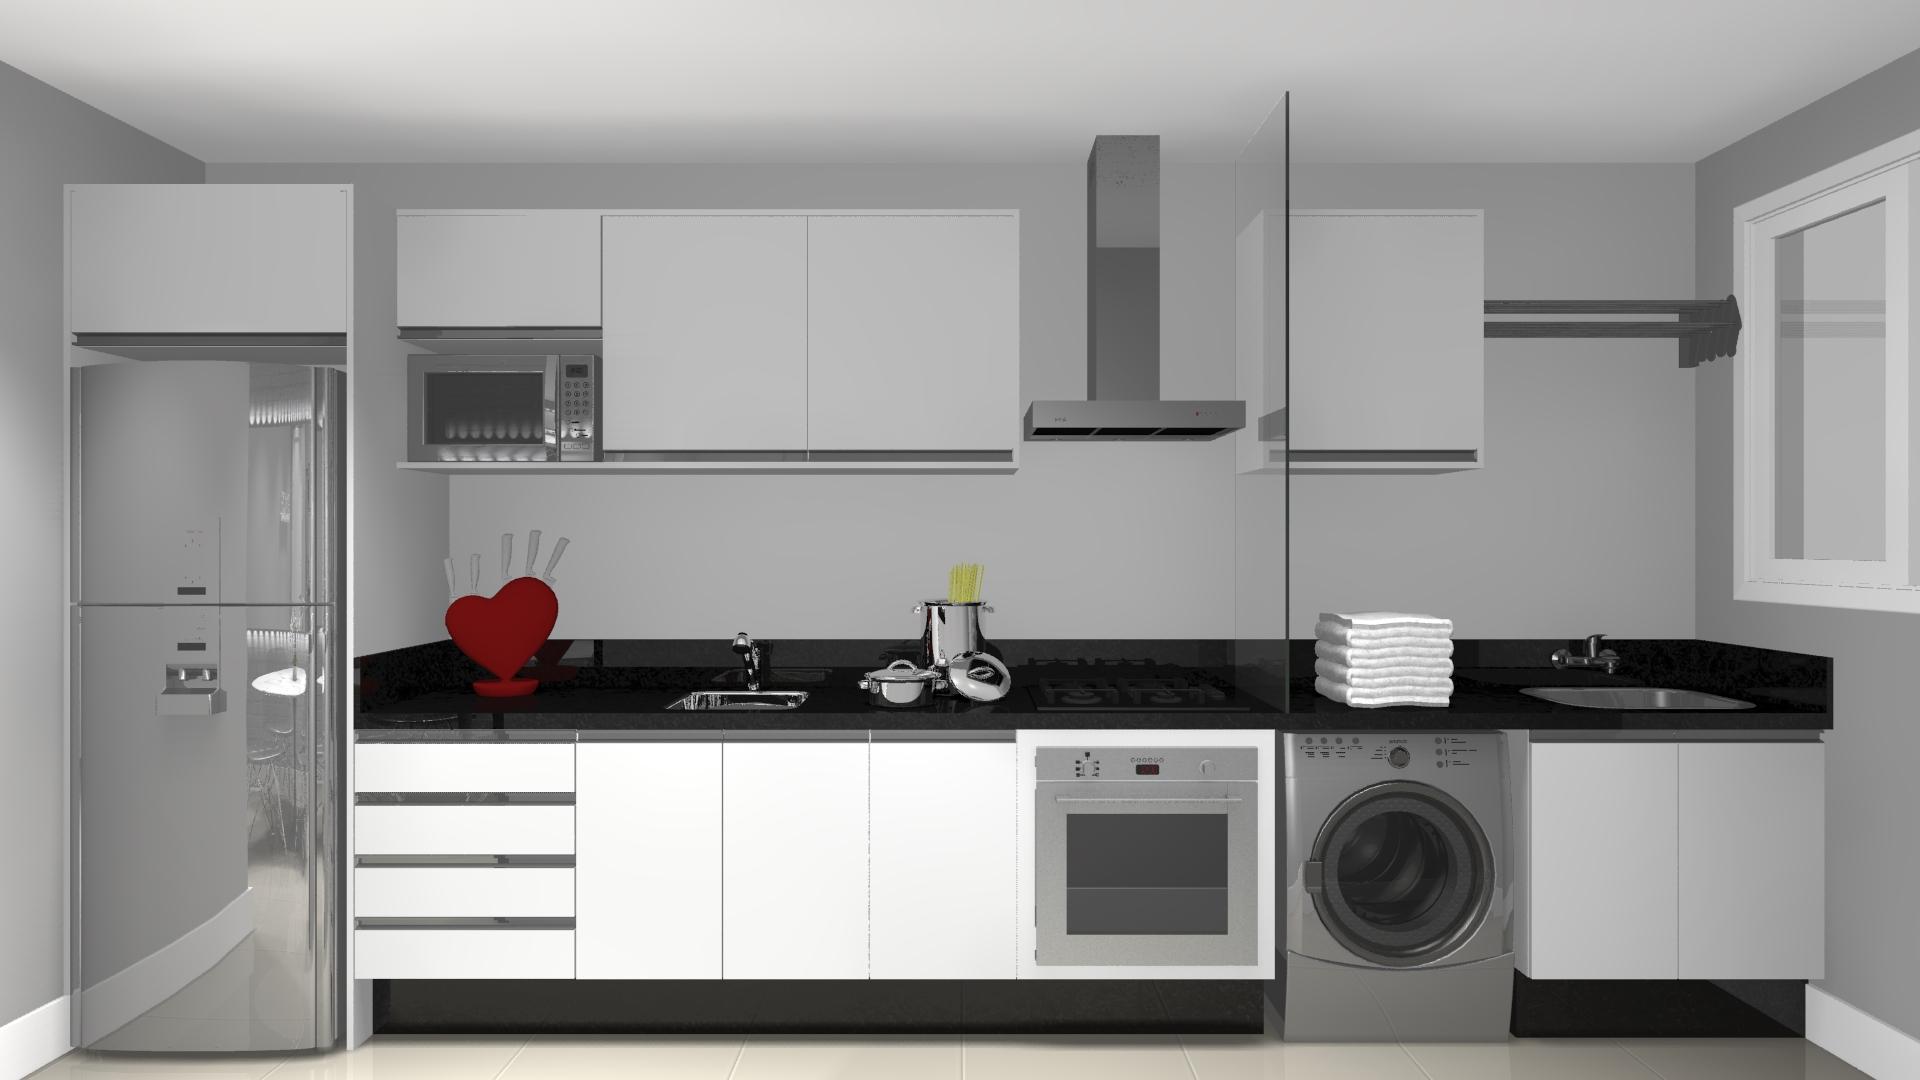 #66201E Cozinha branca e preta não tem como errar. Como a unica janela que  1920x1080 px Projeto Cozinha Branca_4110 Imagens